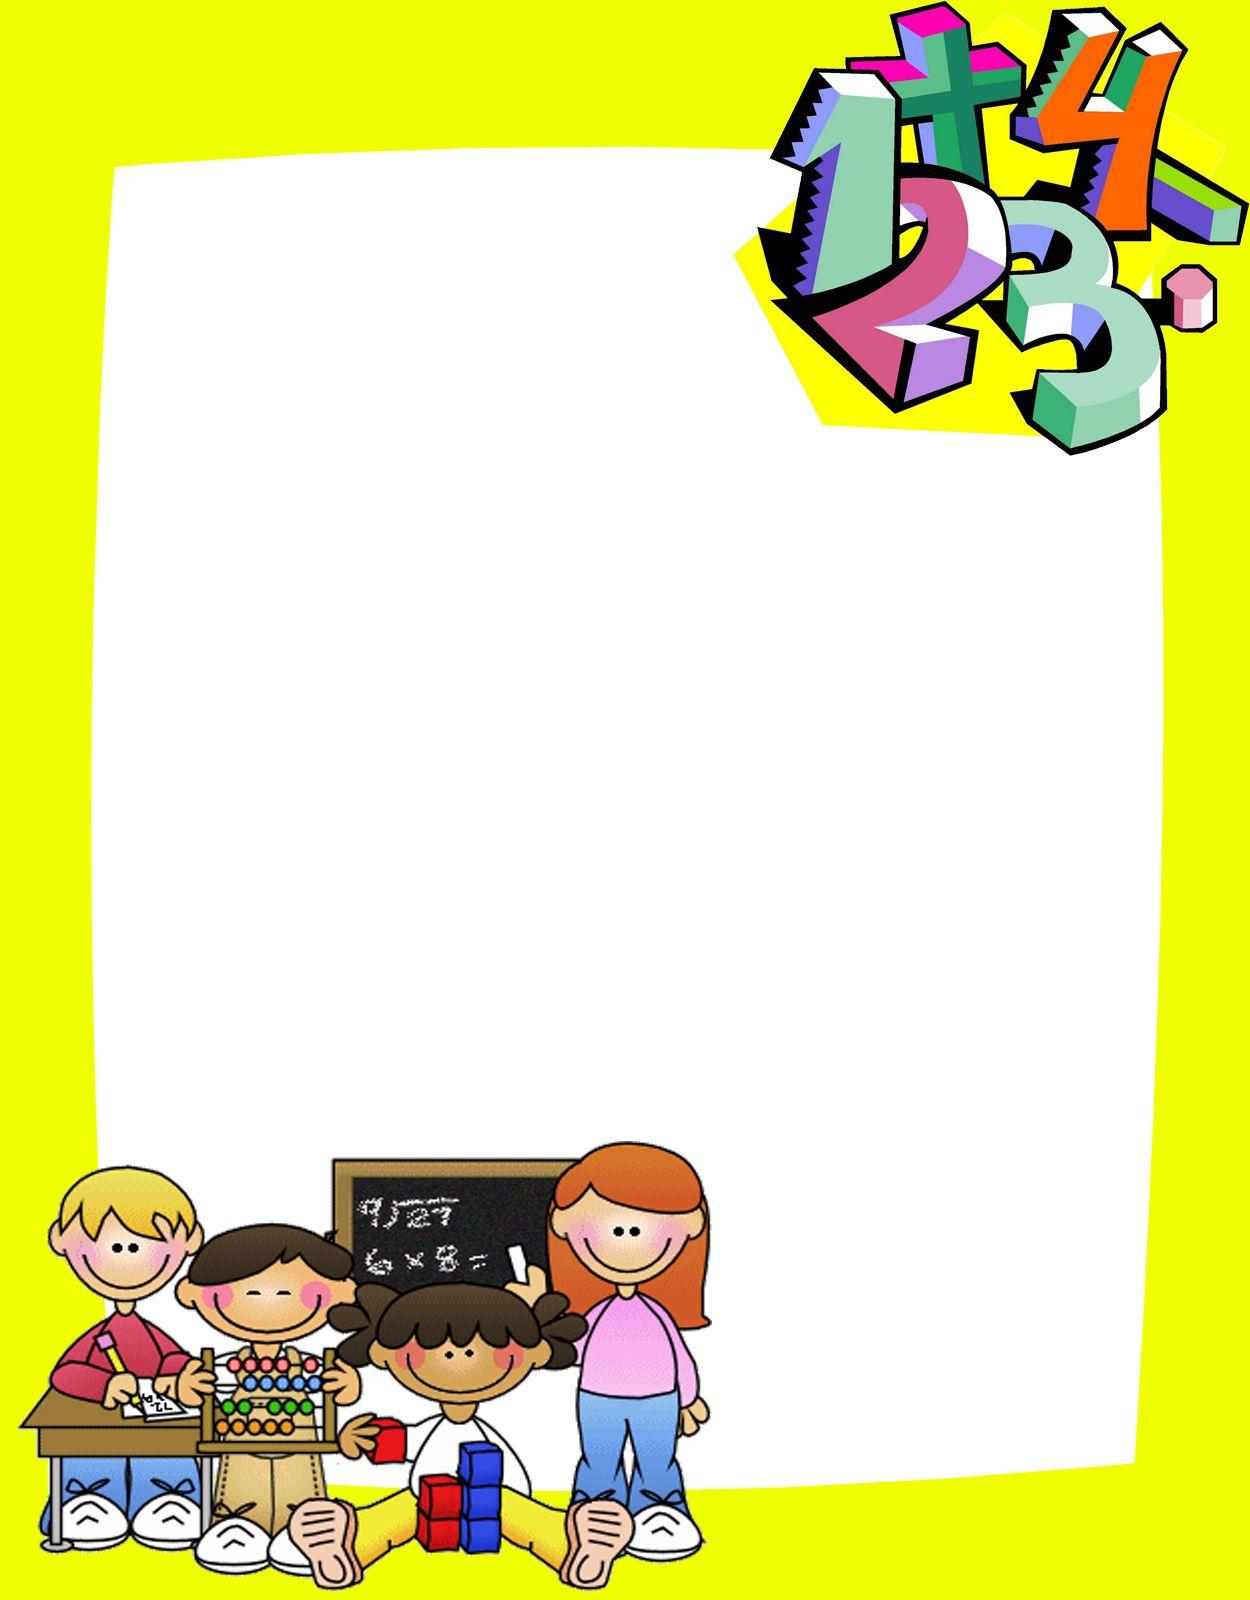 Caratulas-para-matemáticas.jpg (1250×1600)   Bordes, Marcos y ...